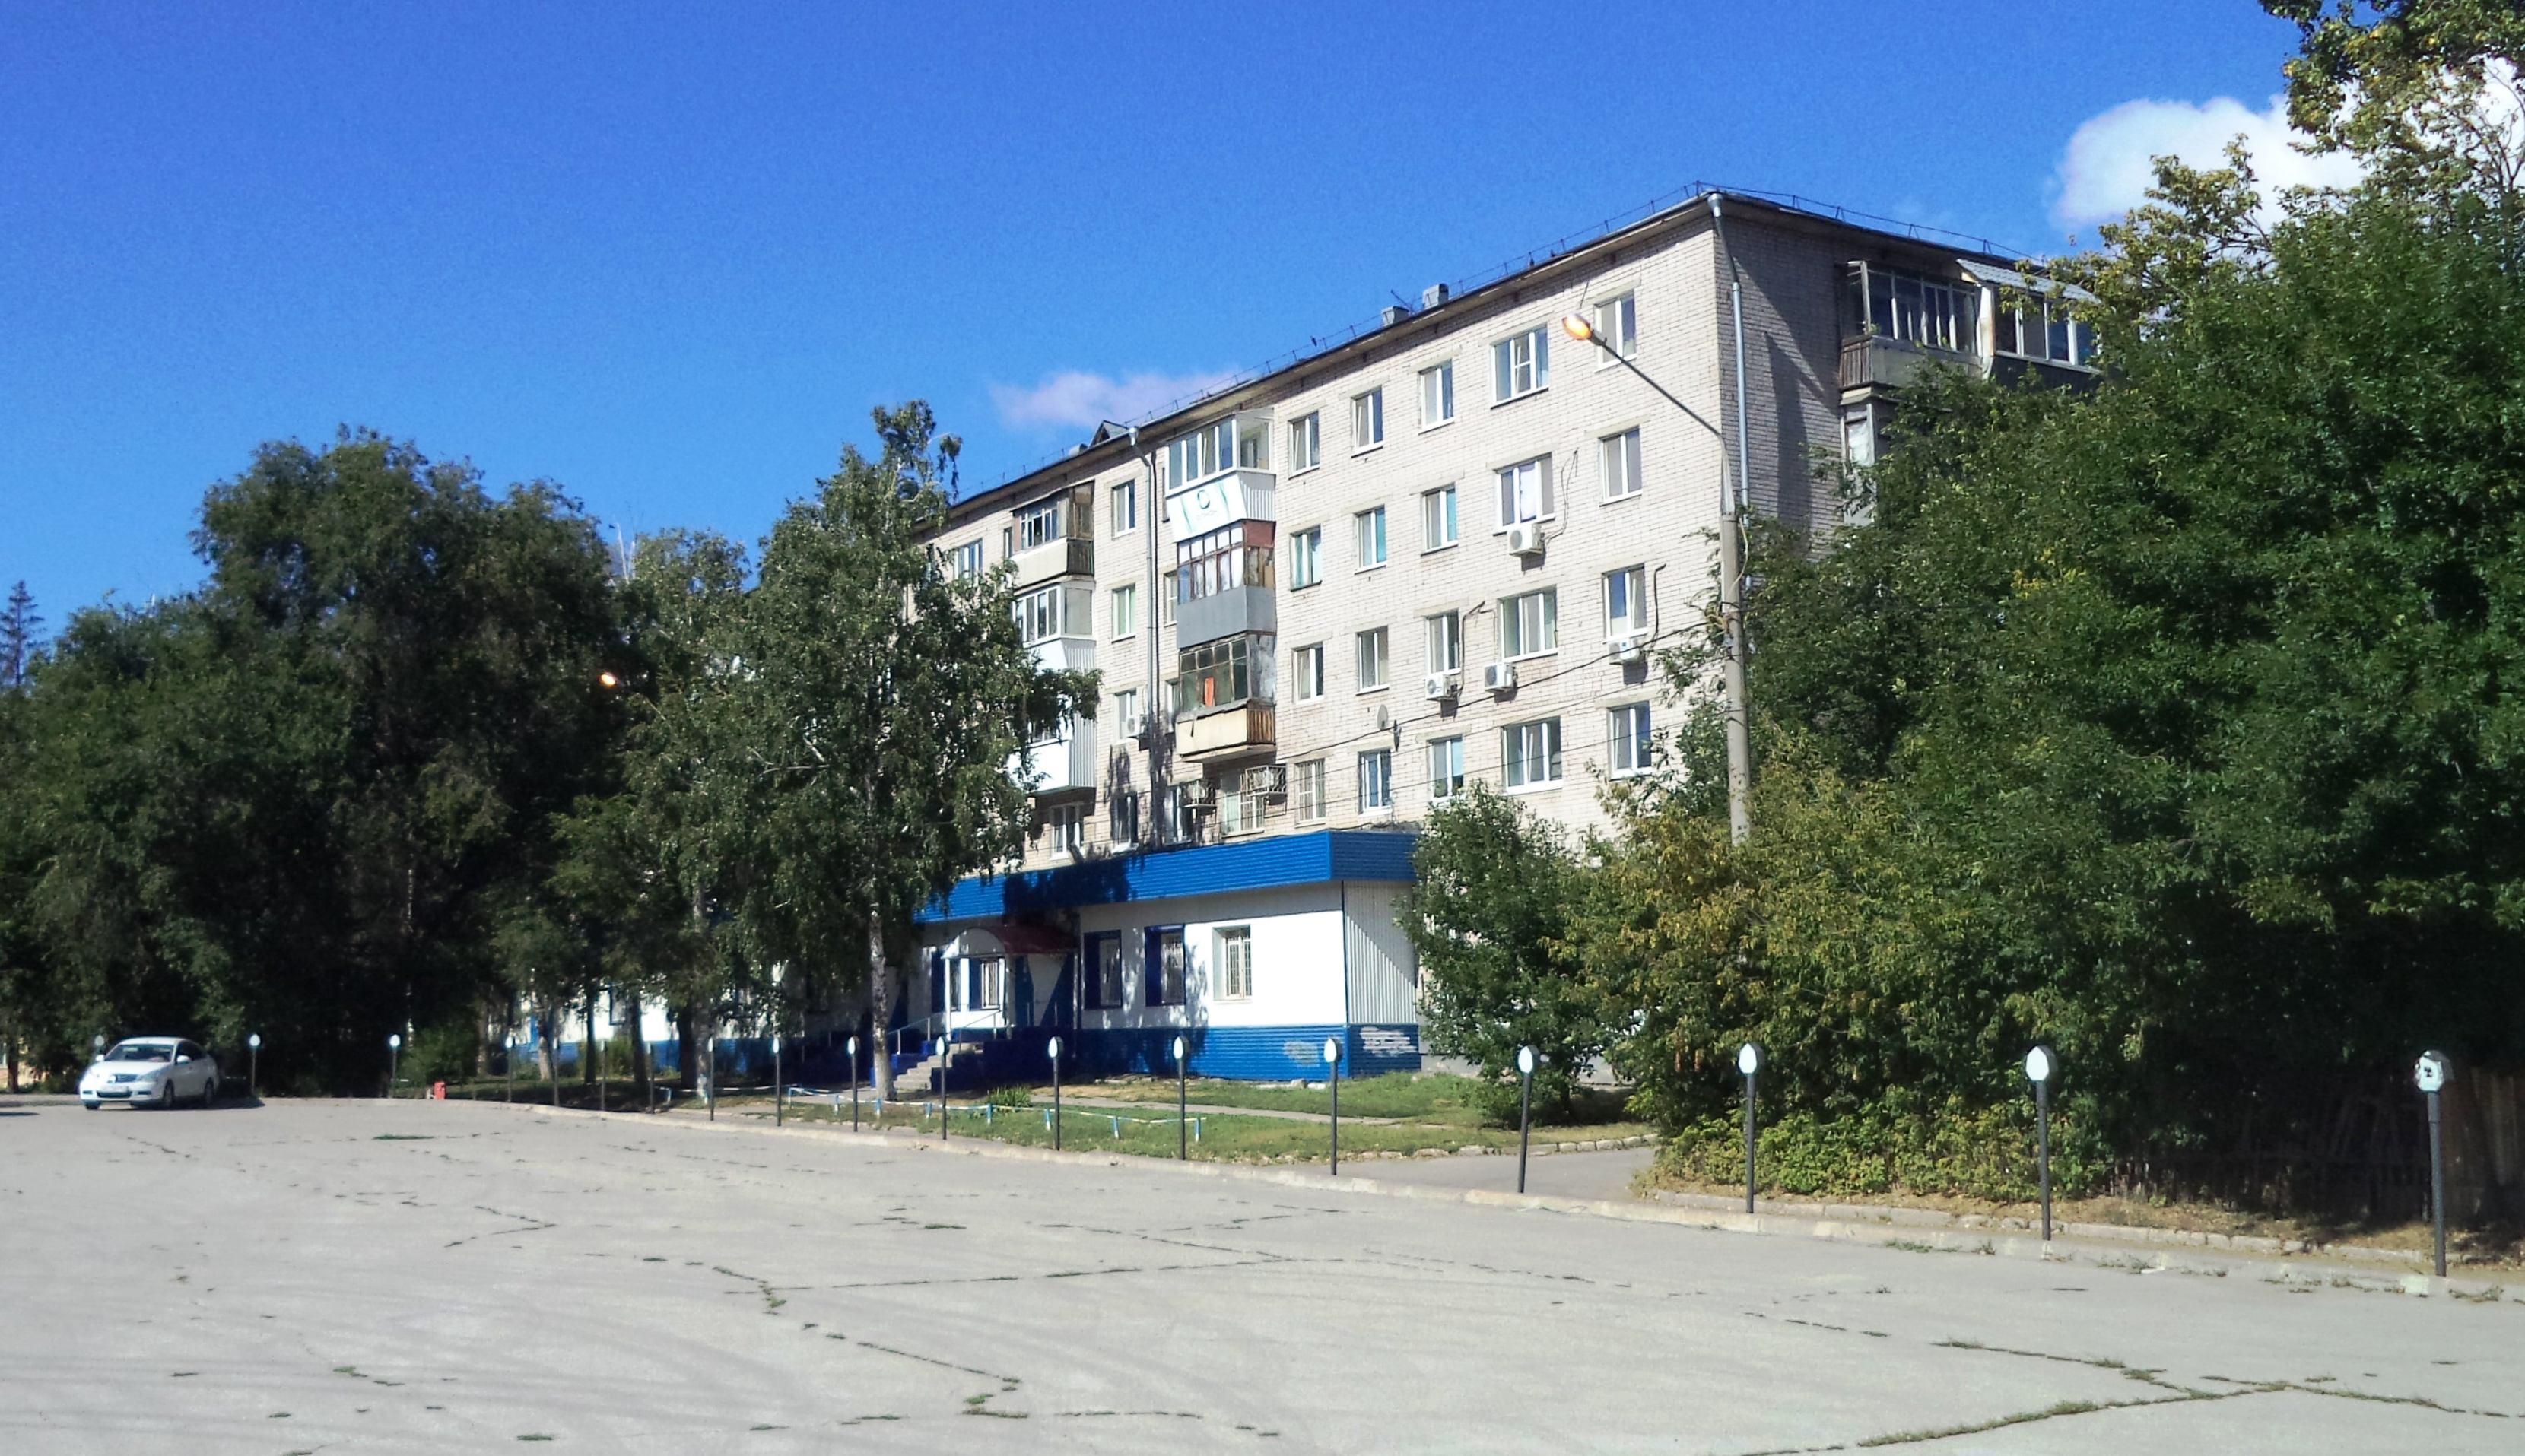 Саранская-ФОТО-06-современное-3-min